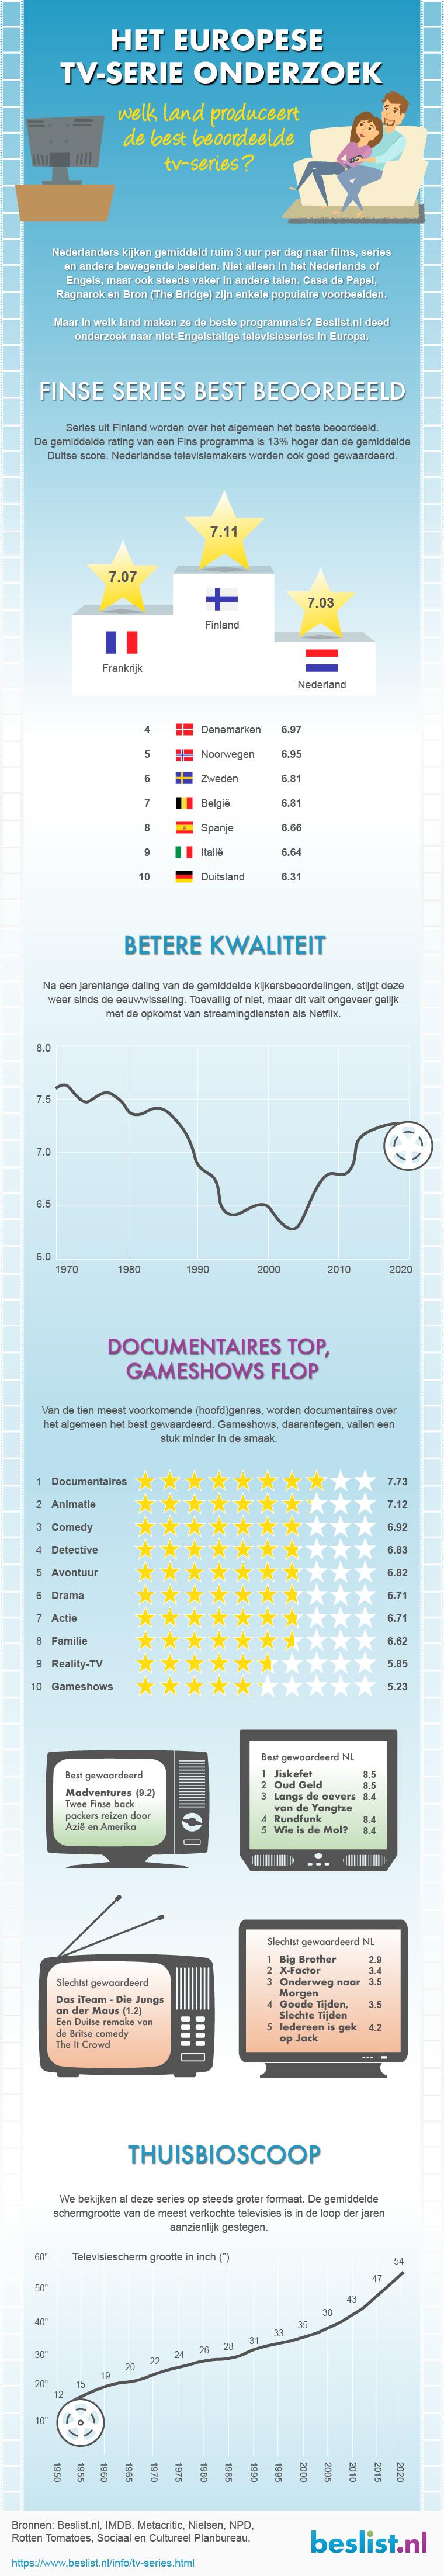 Het Europese TV-serie onderzoek | Infographic